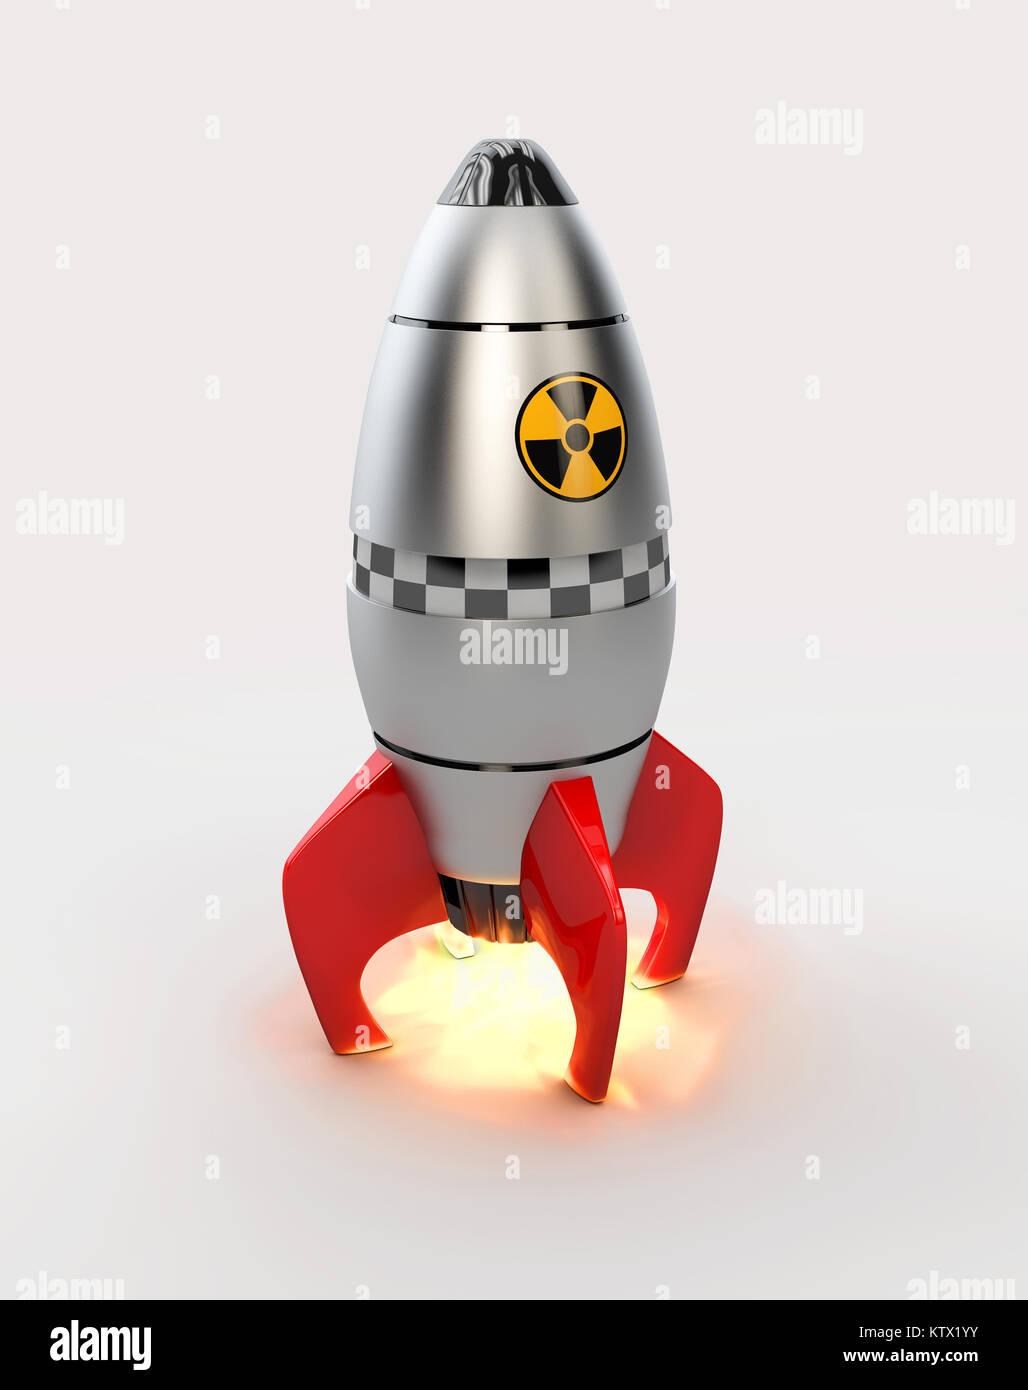 D illustrazione del razzo nave spaziale di decollo con il fuoco